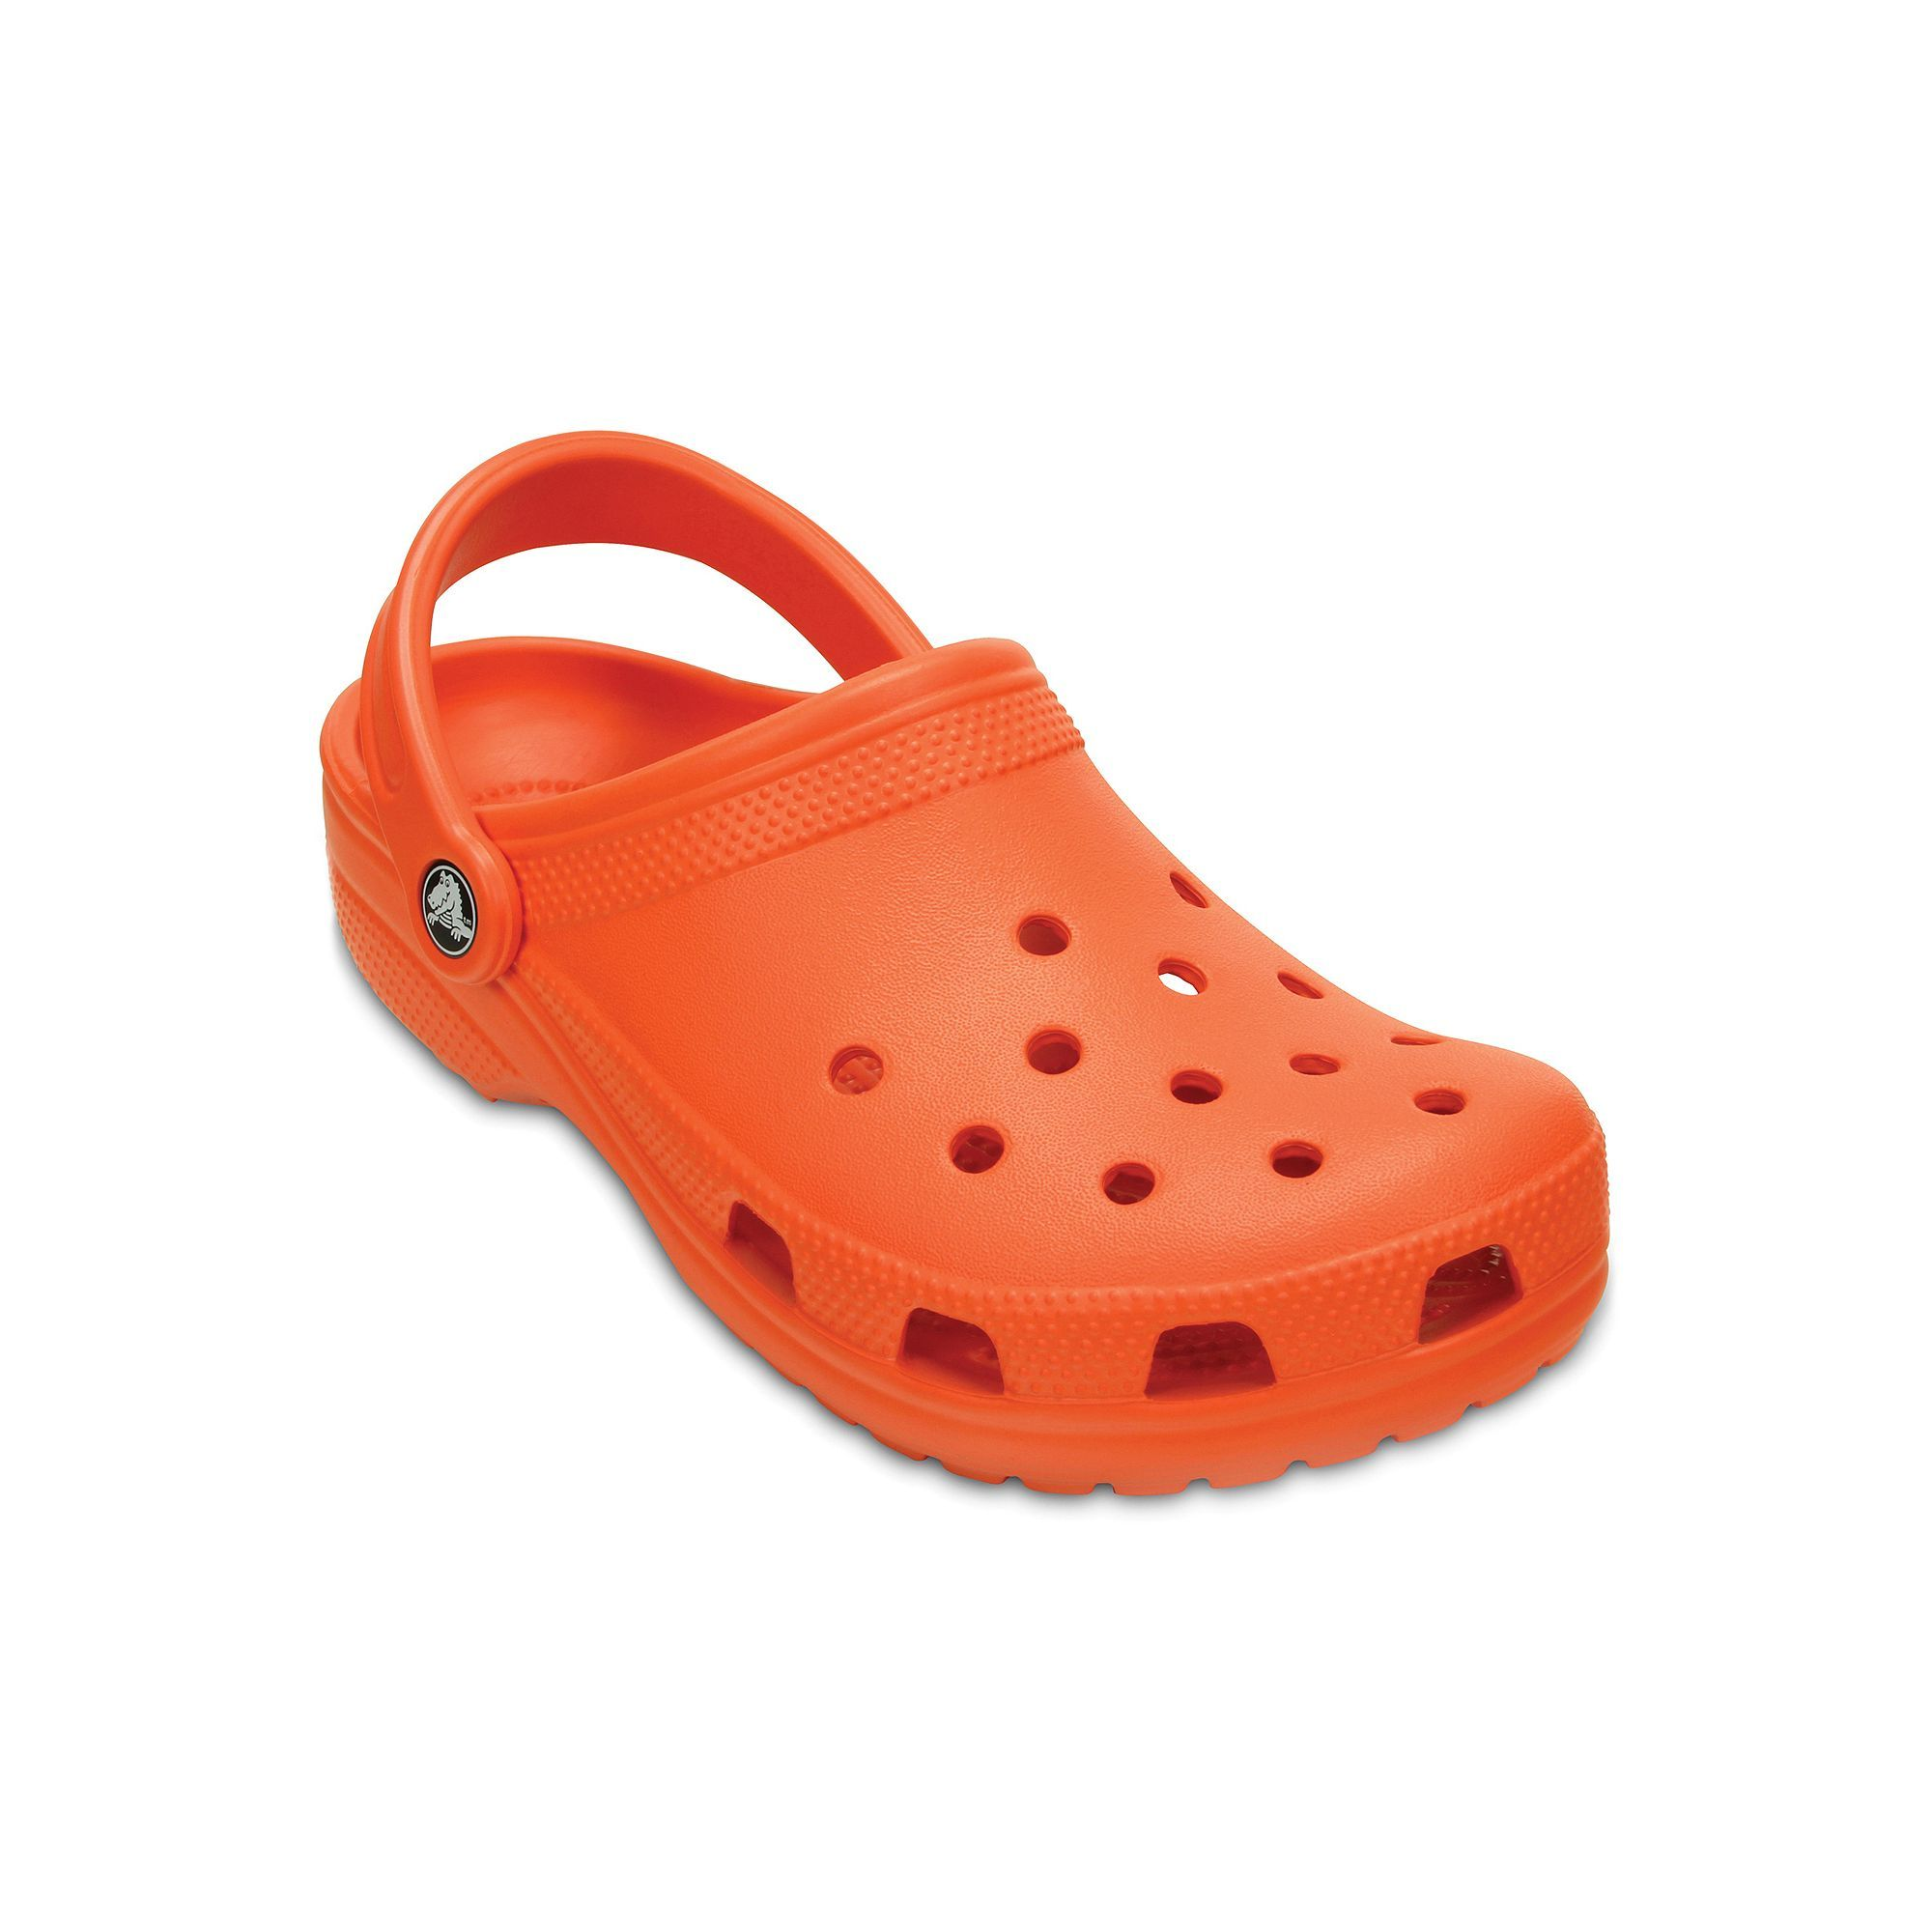 4eebfc73cd9b6 Crocs Classic Adult Clogs